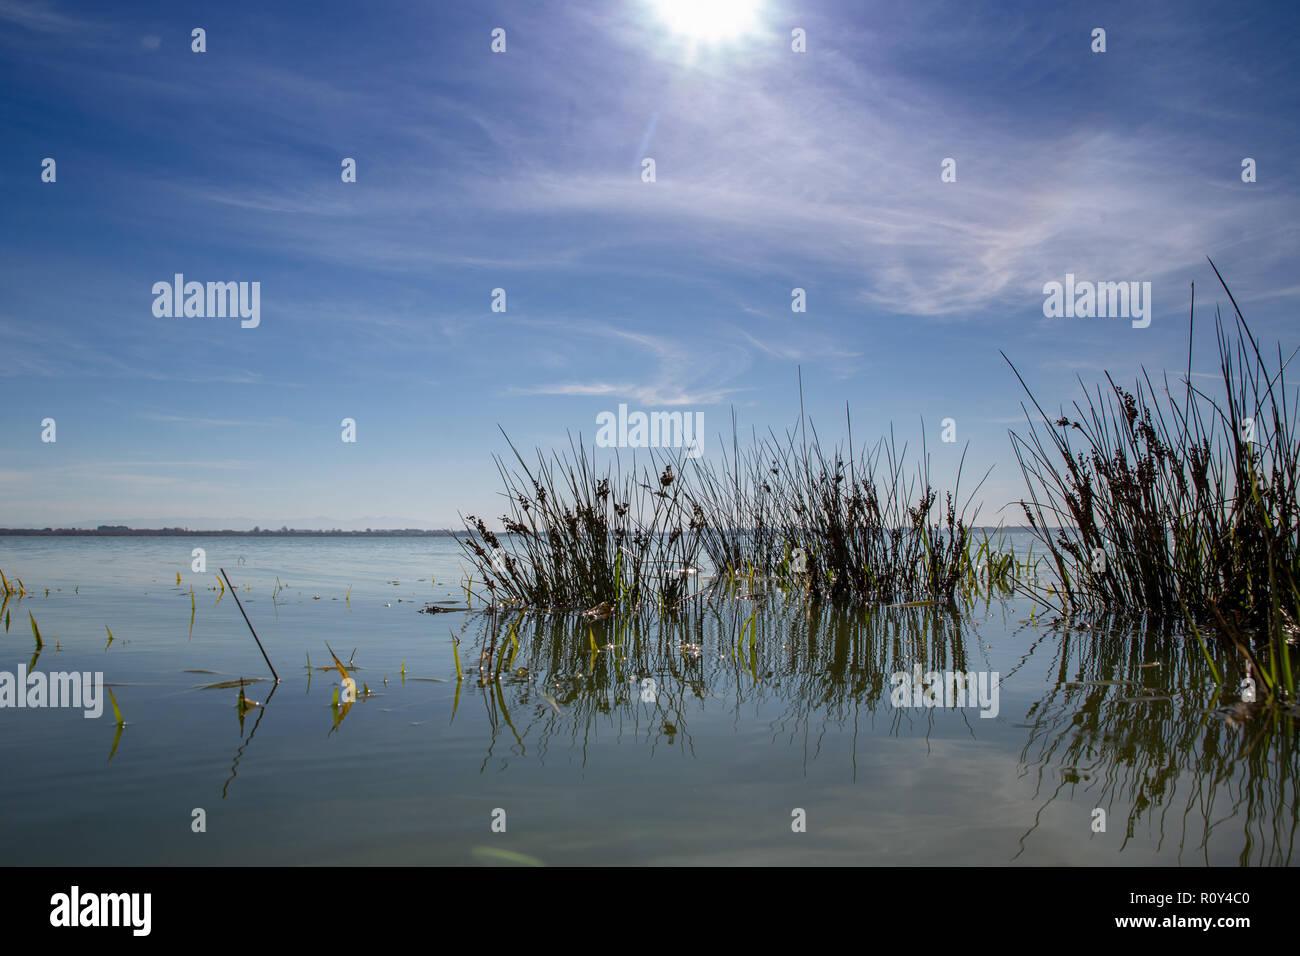 Eine ruhige und friedliche Landschaft Szene am Rande eines Sees an einem Frühlingstag Stockbild